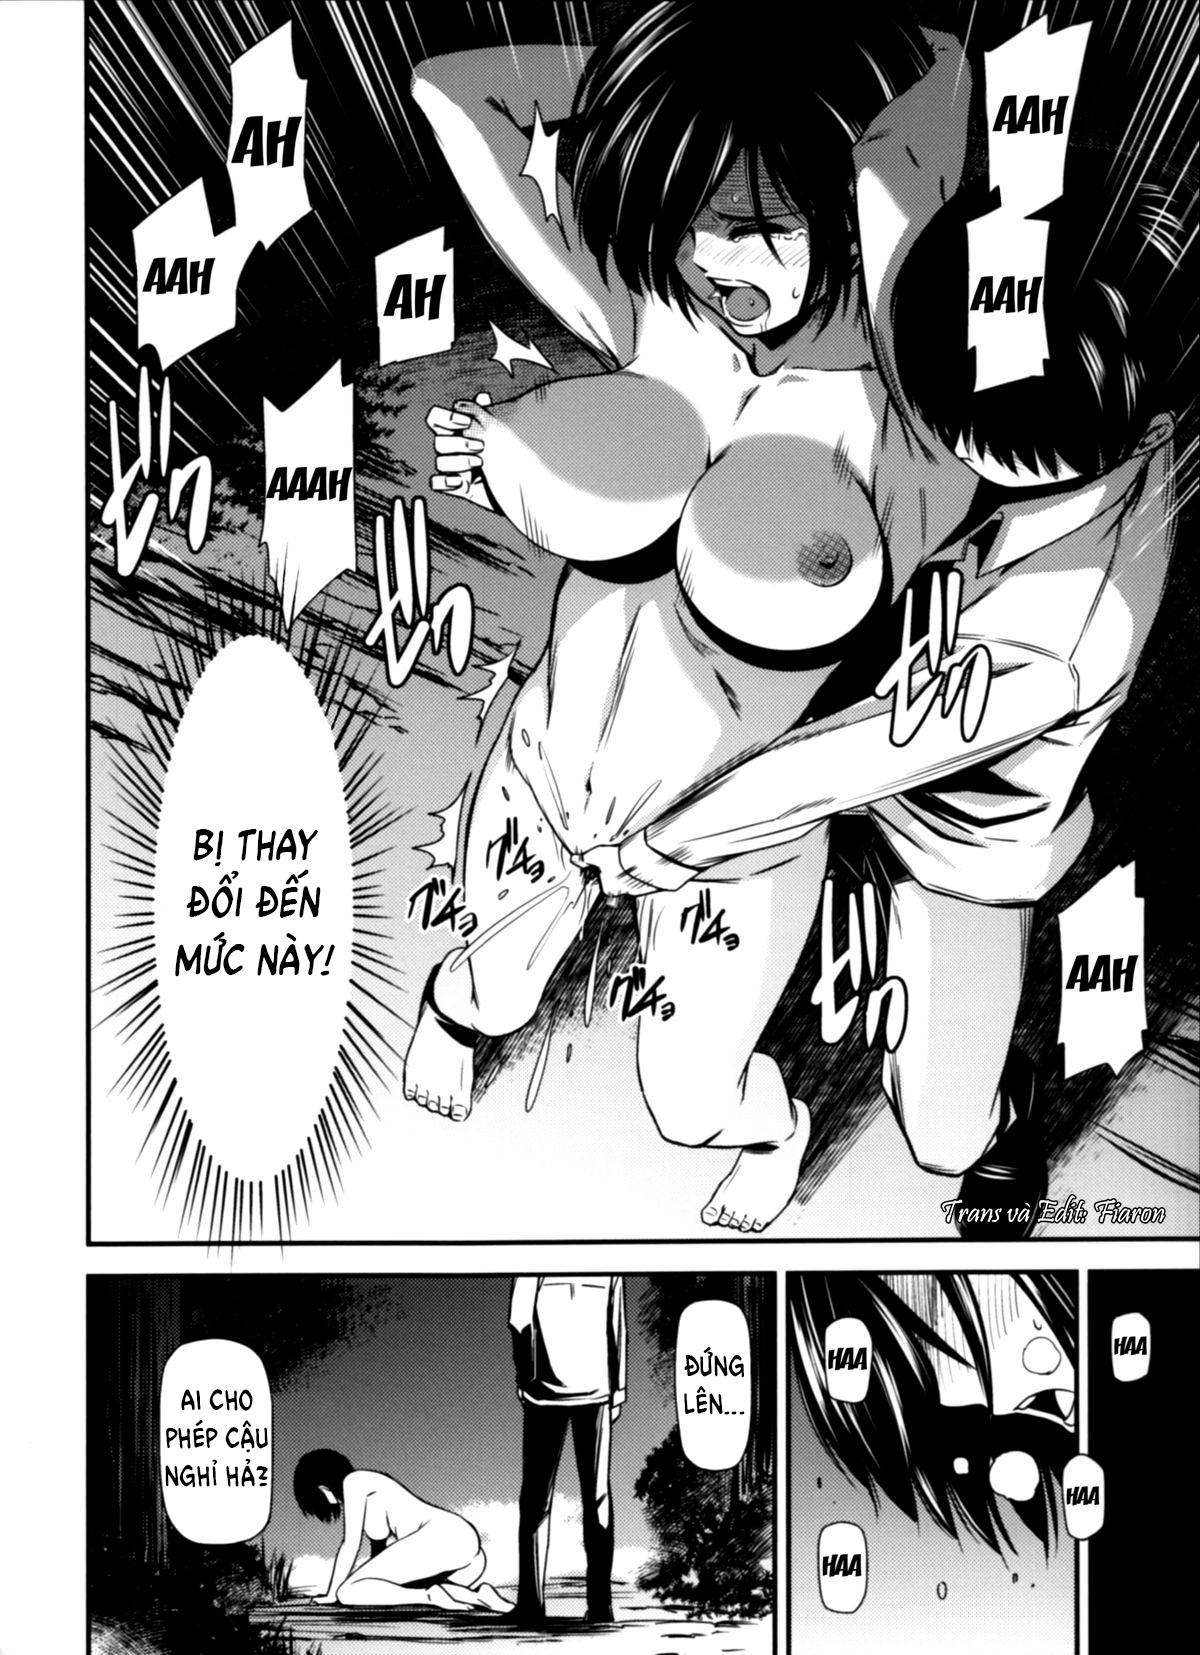 HentaiVN.net - Ảnh 19 - Gekishin (Attack on Titan) - Firing Pin - Gekishin Yon